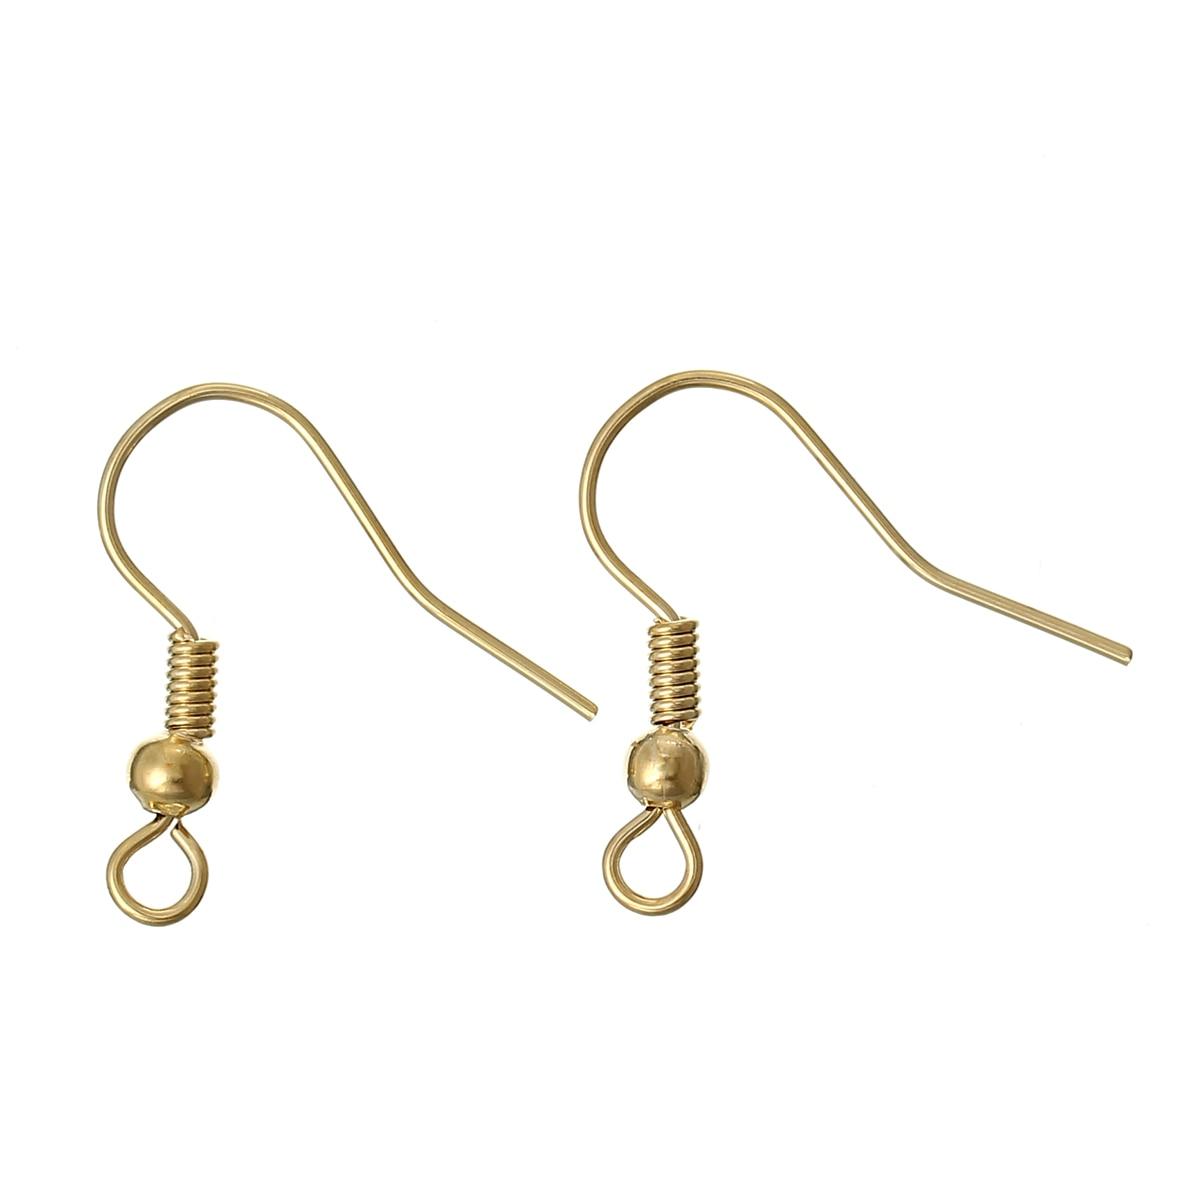 Copper Earrings Earring Findings Hook 18K Gold Color 18mm( 6/8